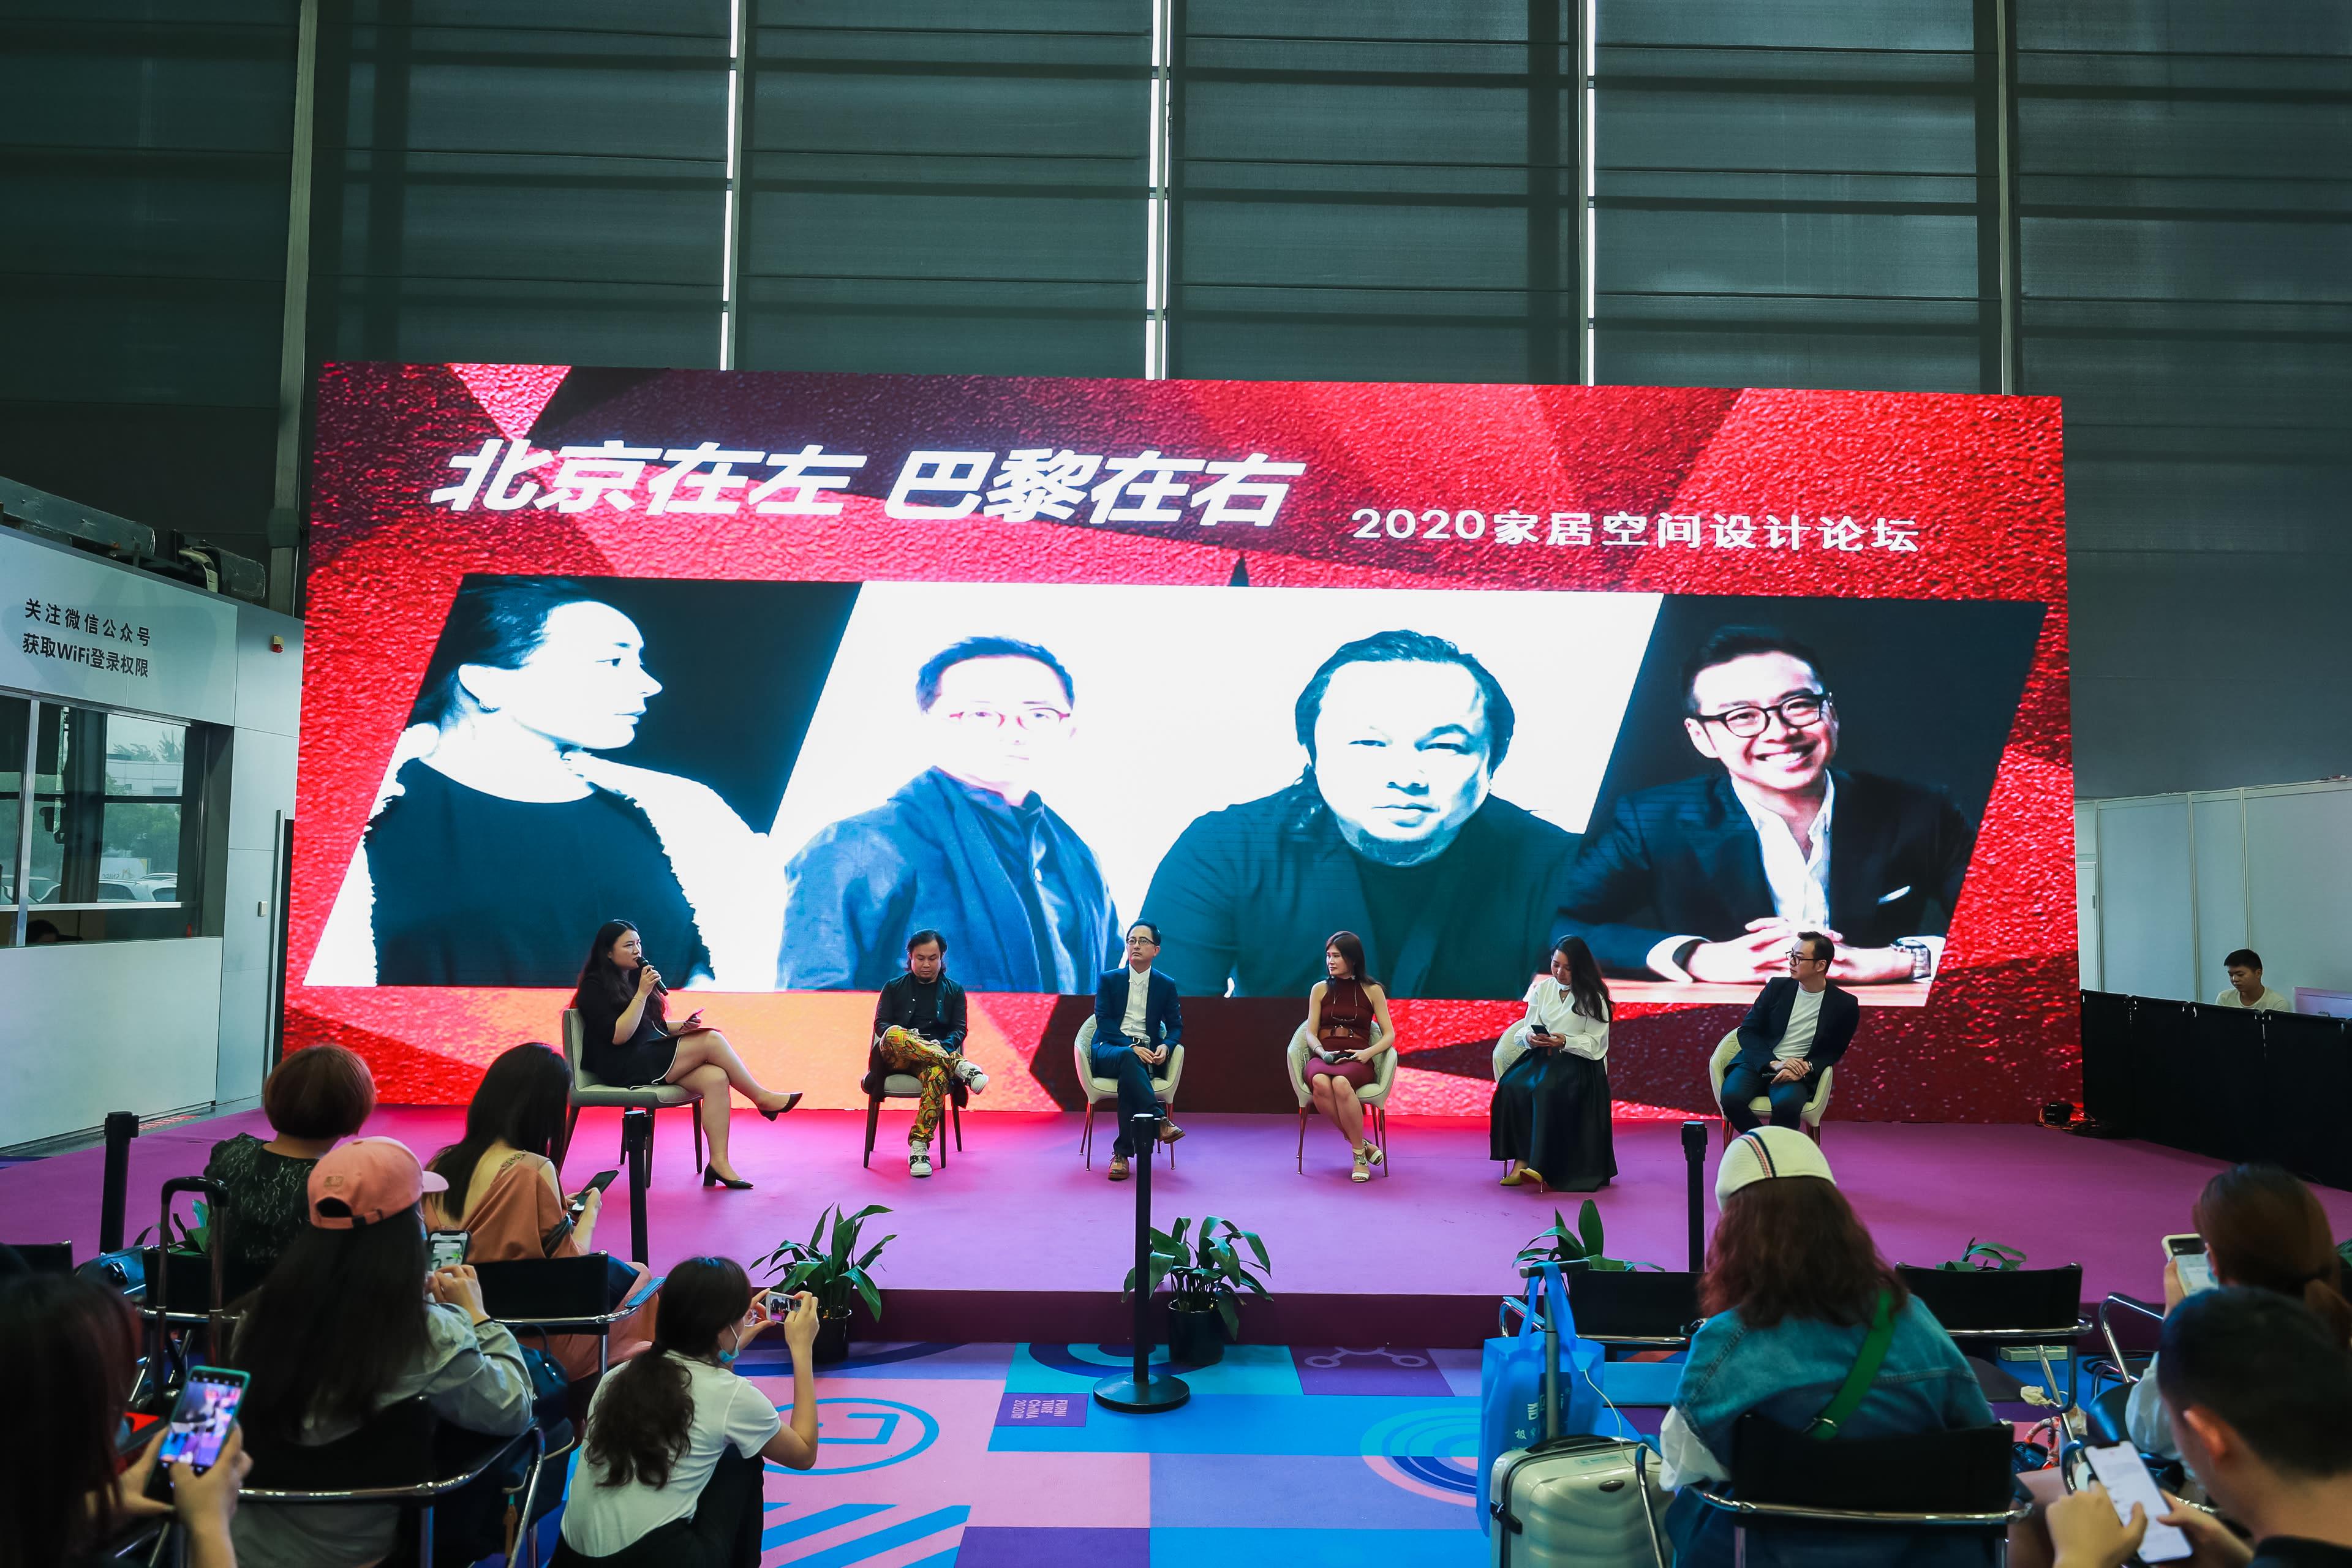 """""""北京在左,巴黎在右""""2020家居空间设计论坛:曾建龙X 连自成X徐岭啸 X 郭丽丽齐聚"""